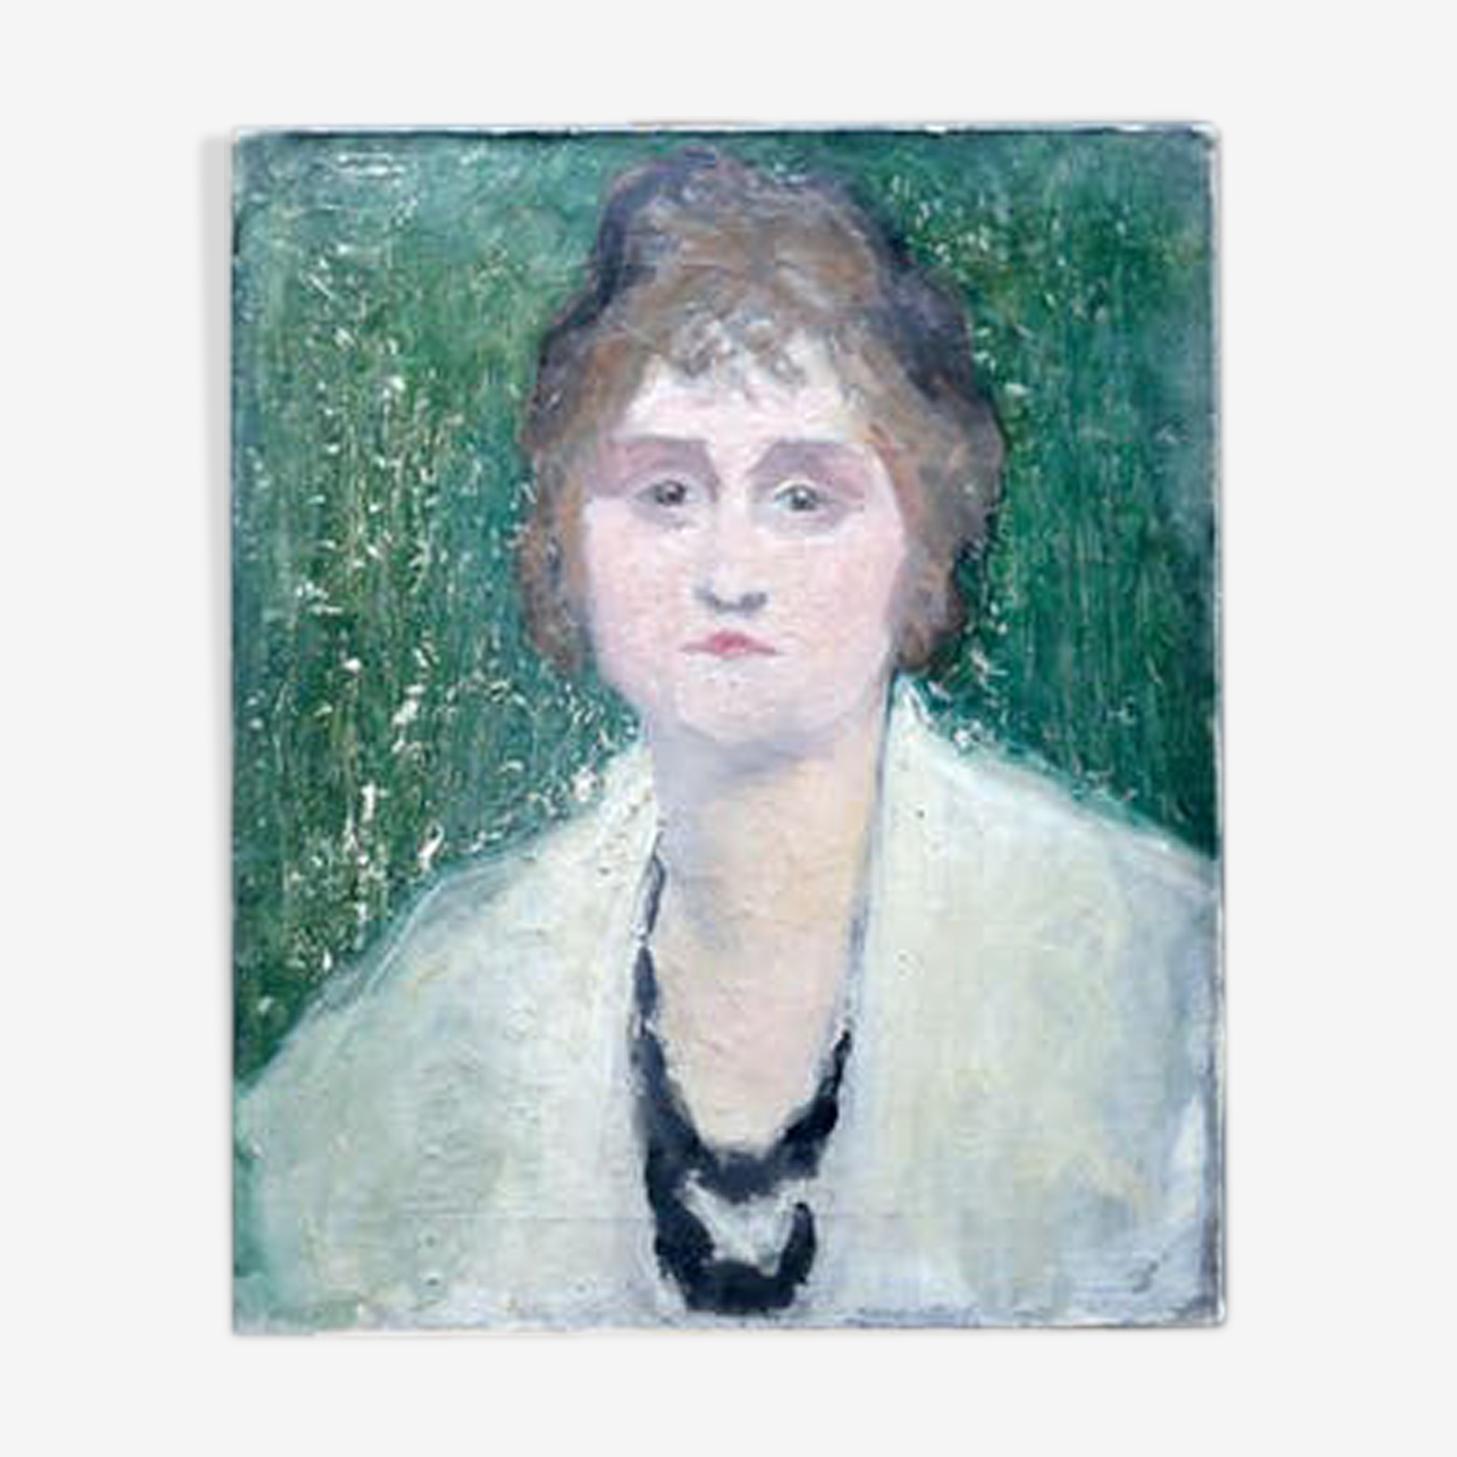 Tableau portrait femme au fond vert huile sur toile signé G.Grenthe